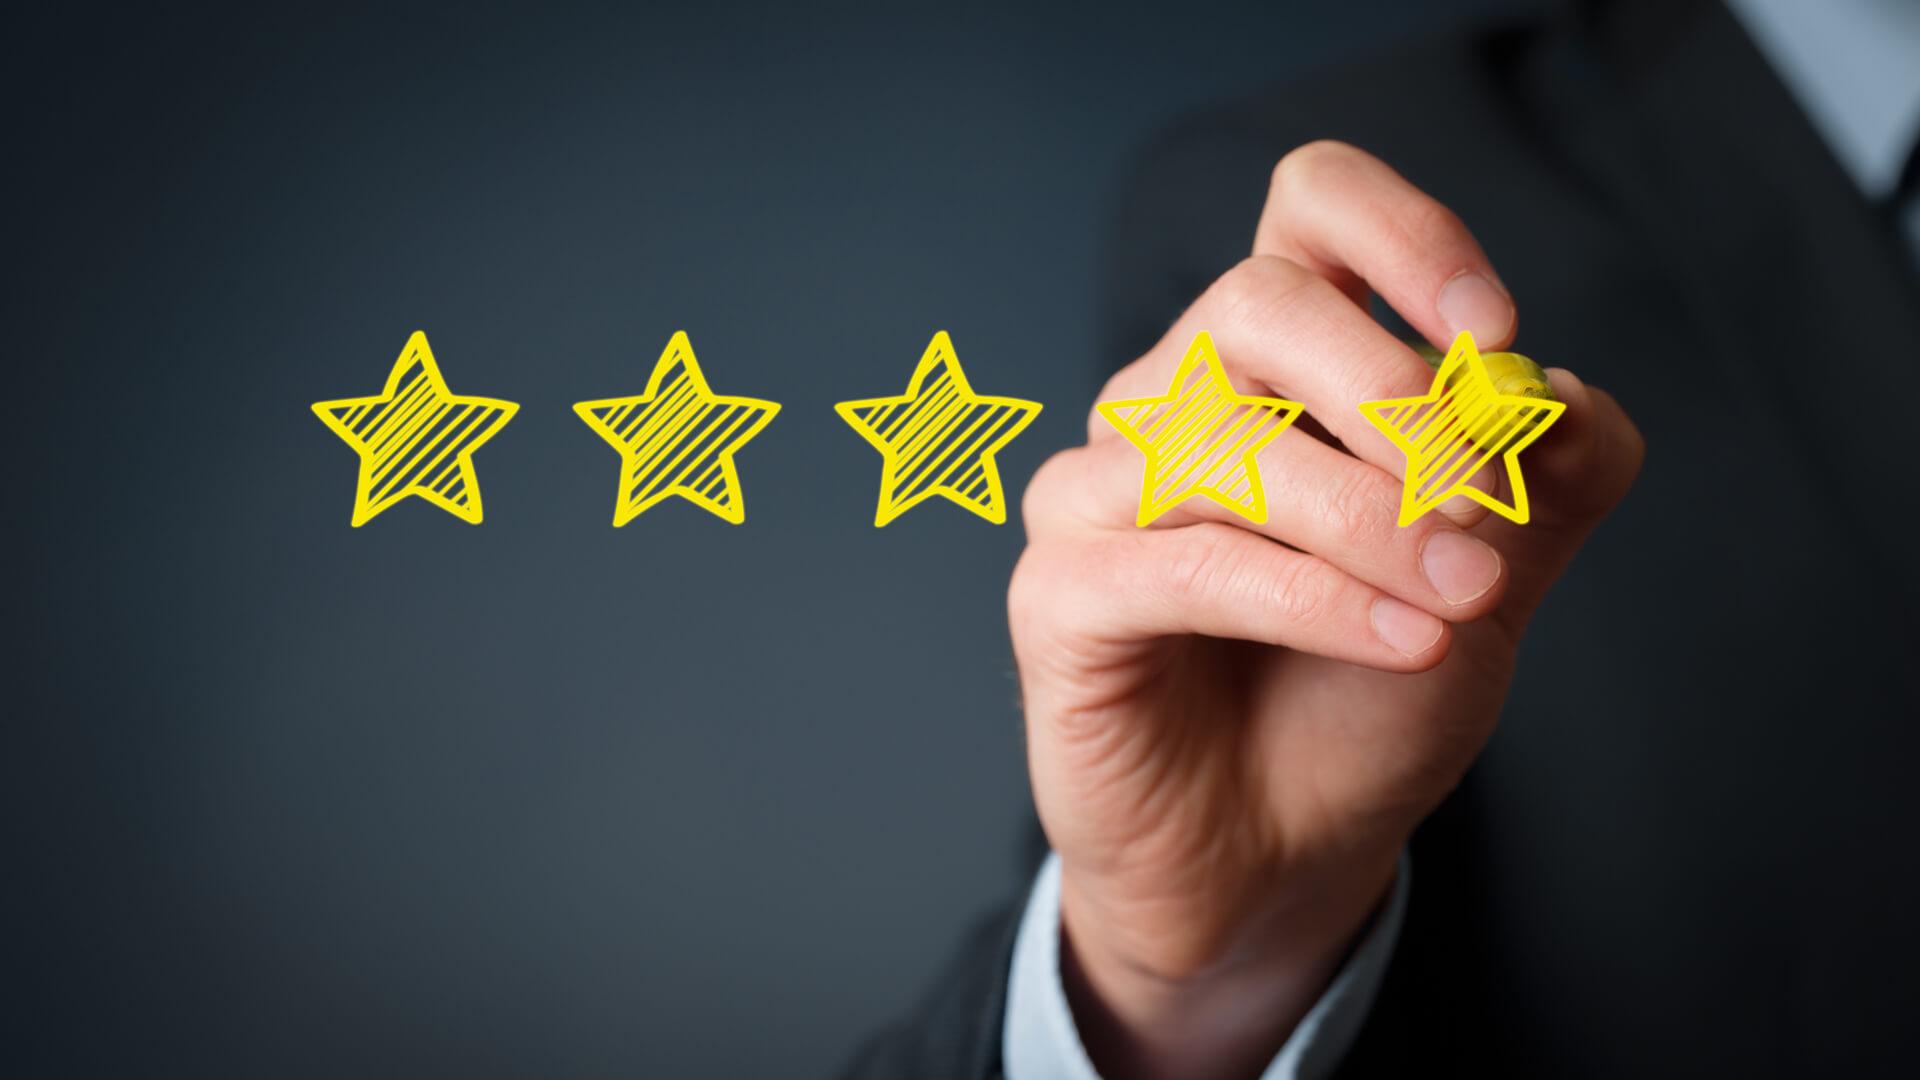 Reviewtop so sánh đánh giá sản phẩm tốt nhất và rẻ nhất